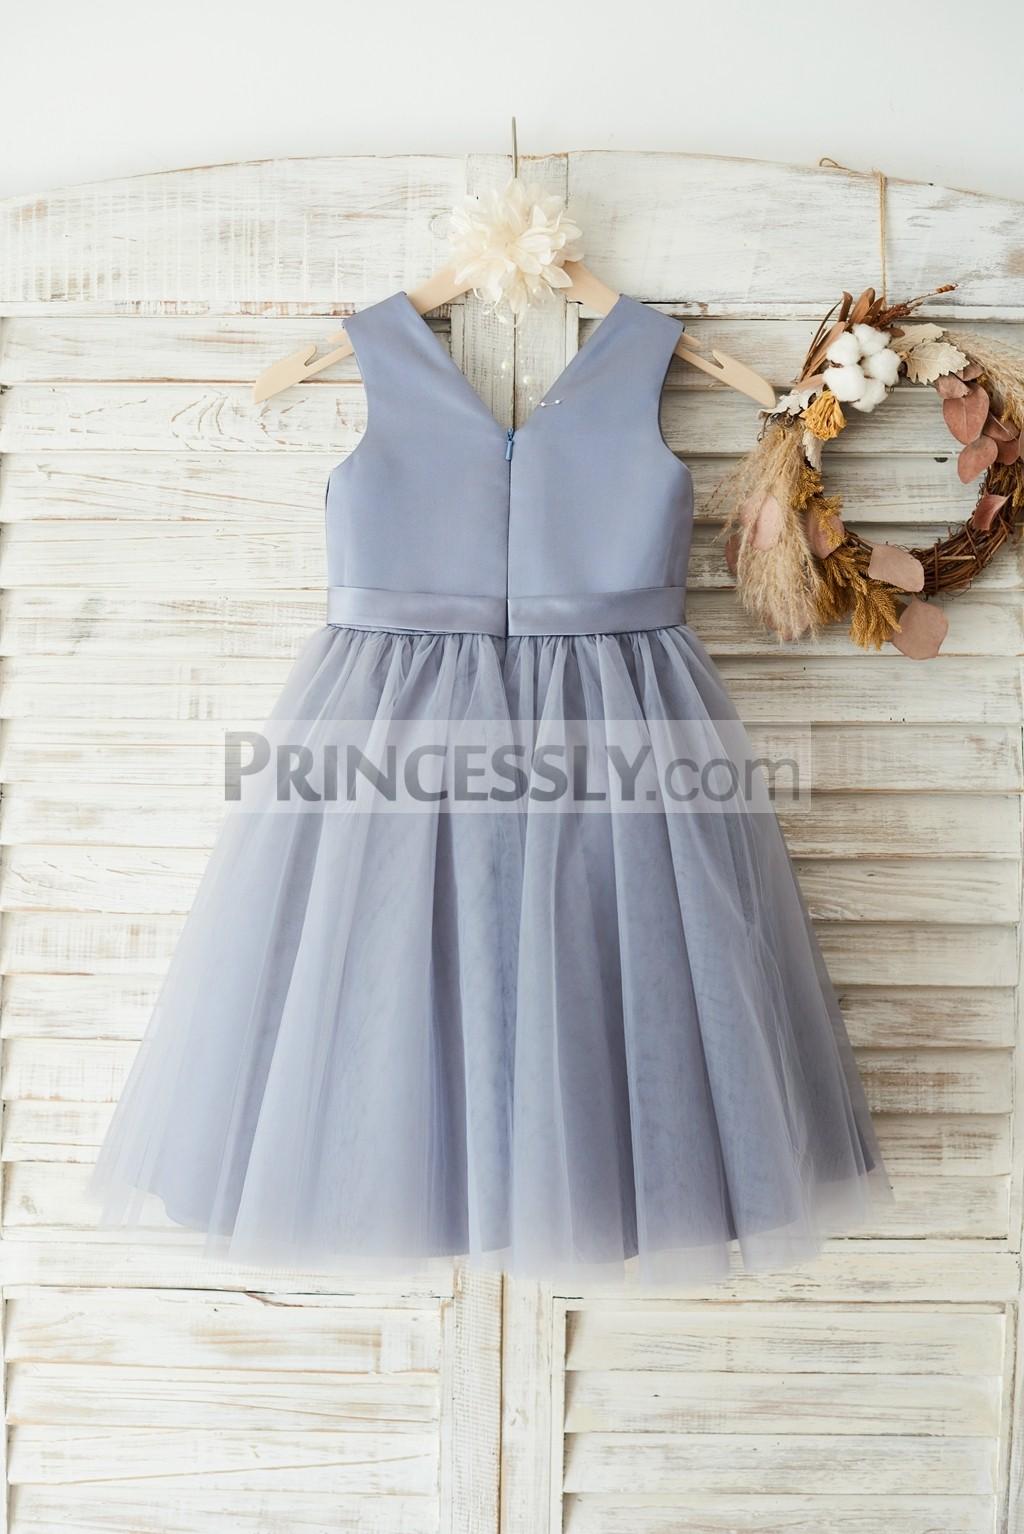 V neck grey tulle skirt wedding party little girl dress